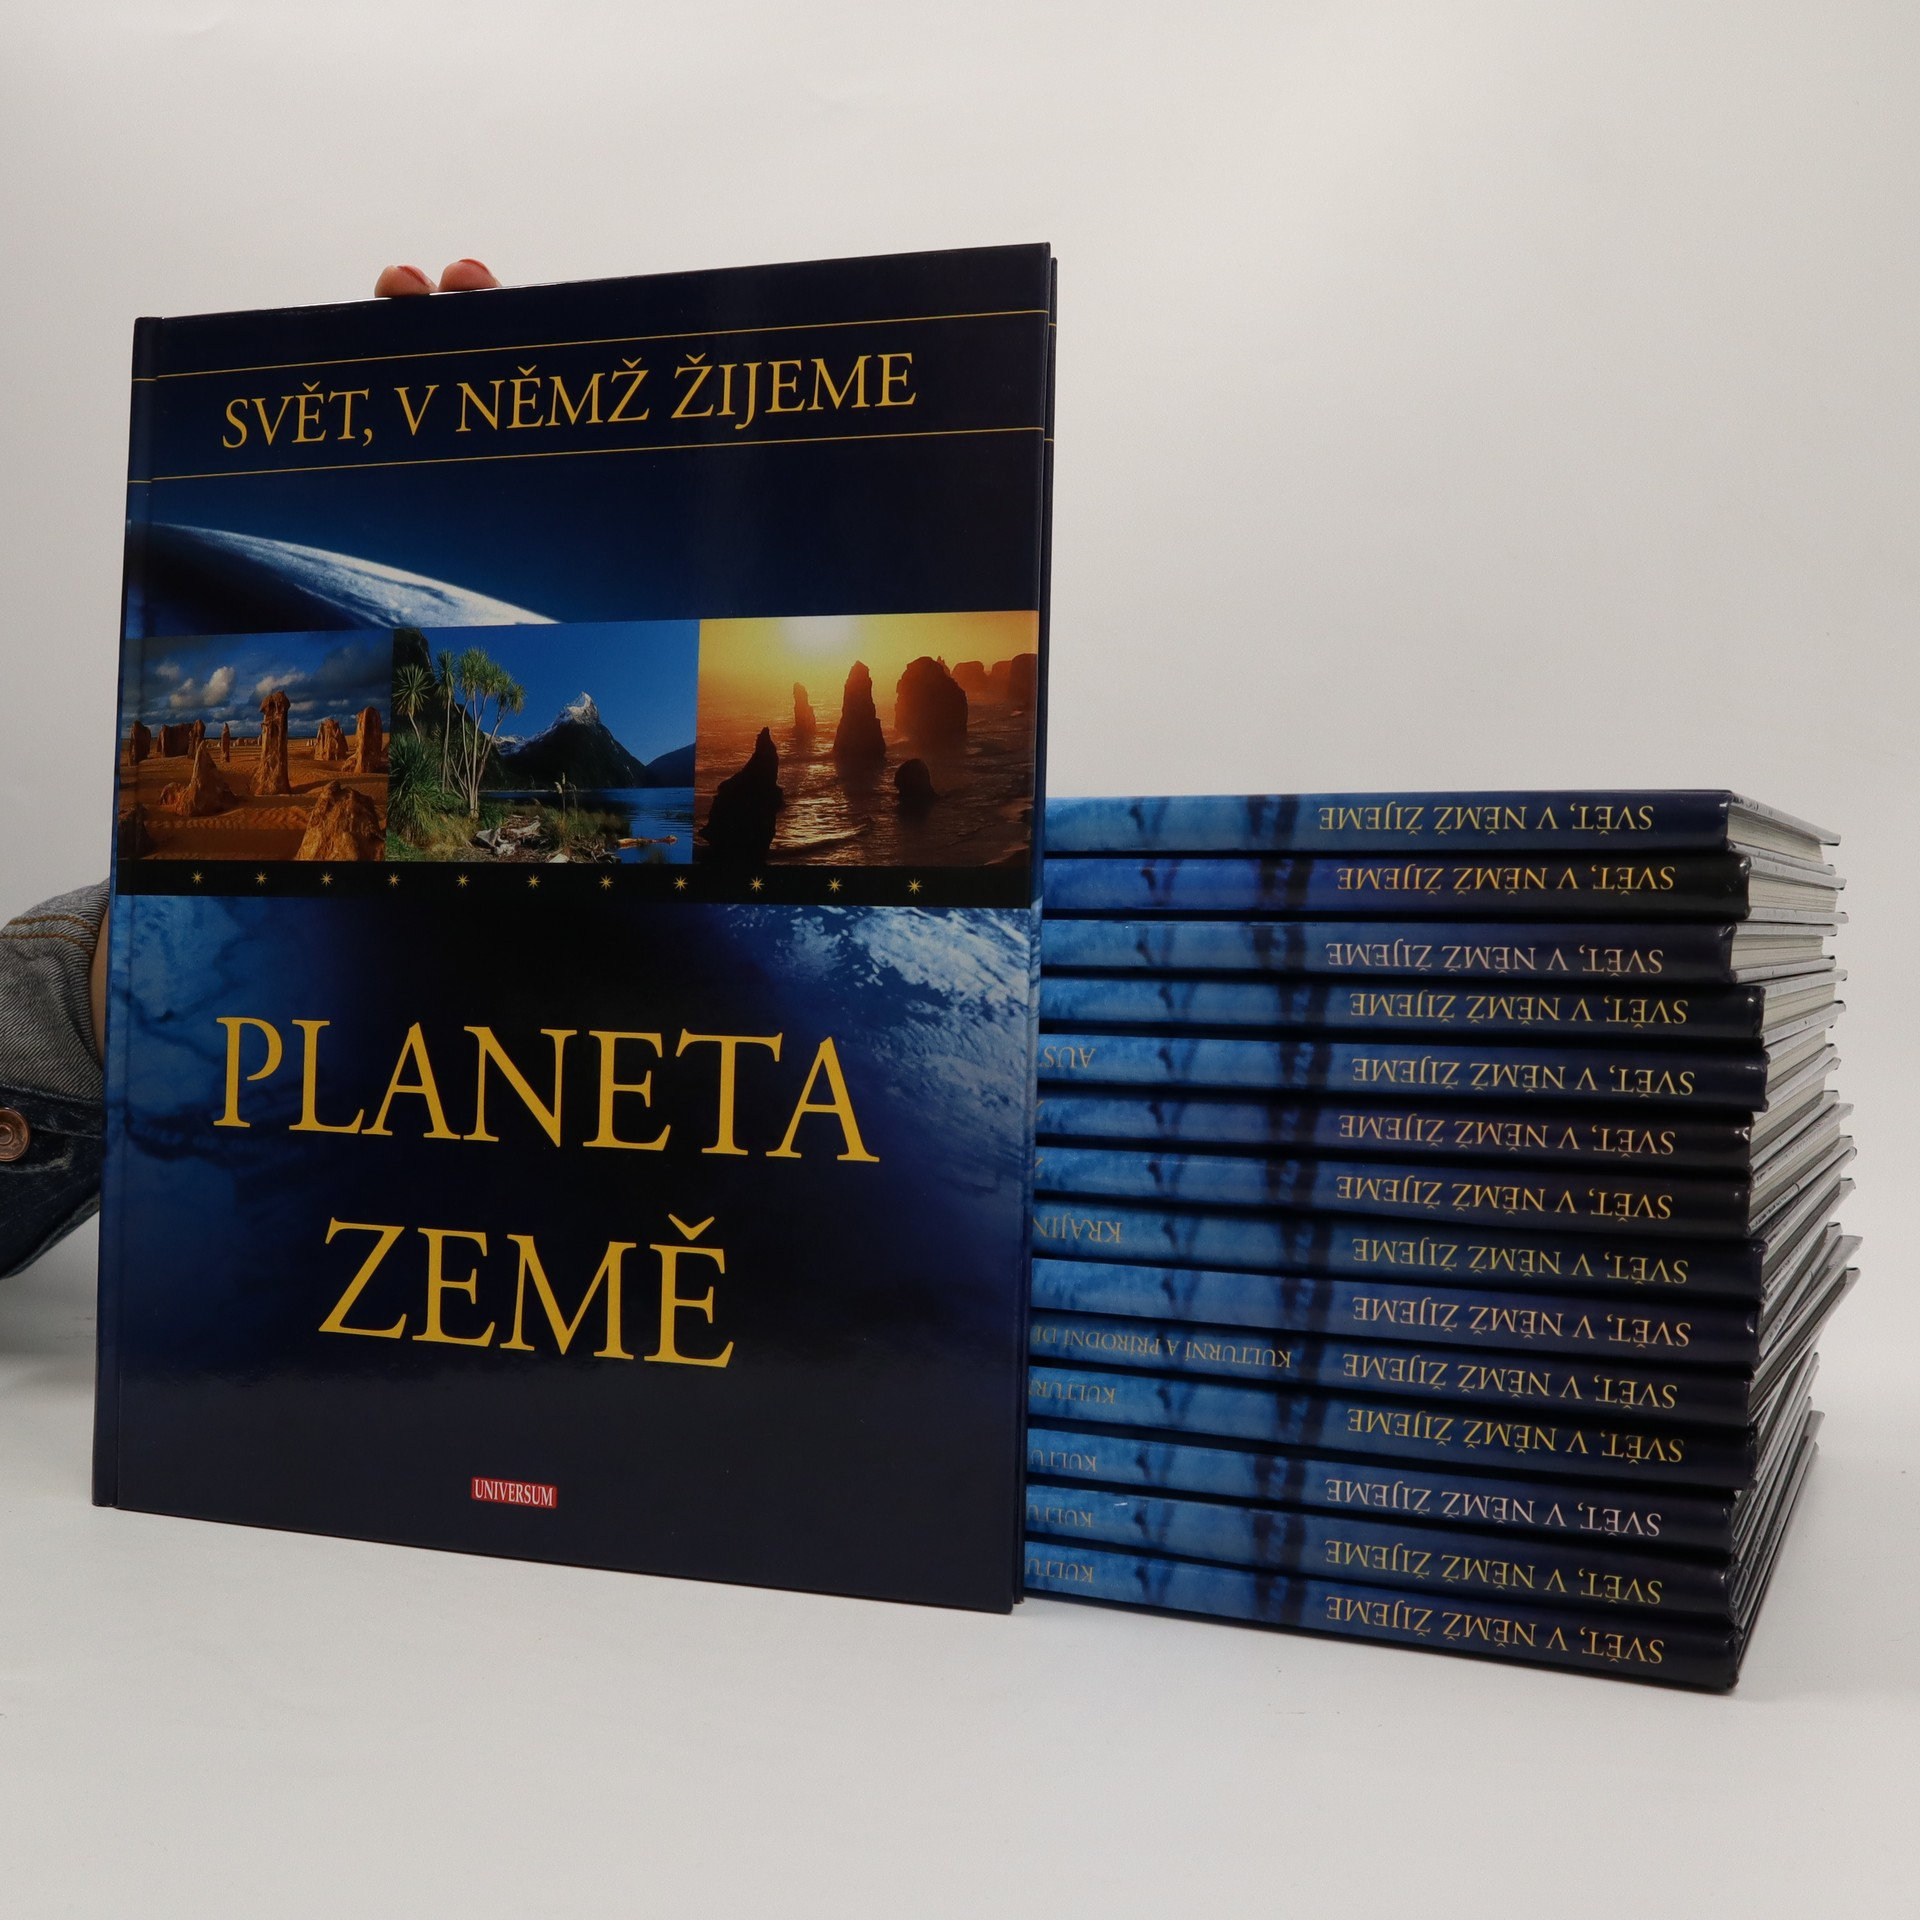 antikvární kniha Svět, v němž žijeme (15 svazků), 2004 - 2005